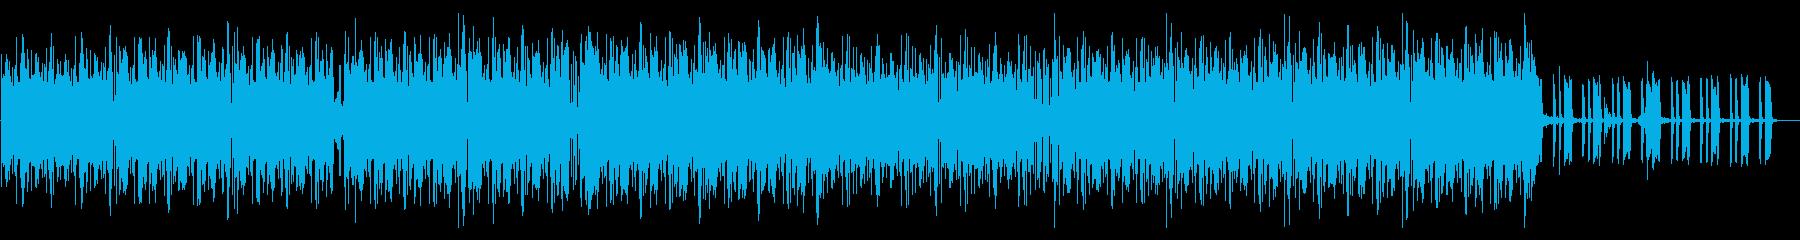 ミニマルテクノ風ワイルドなテクスチャーの再生済みの波形